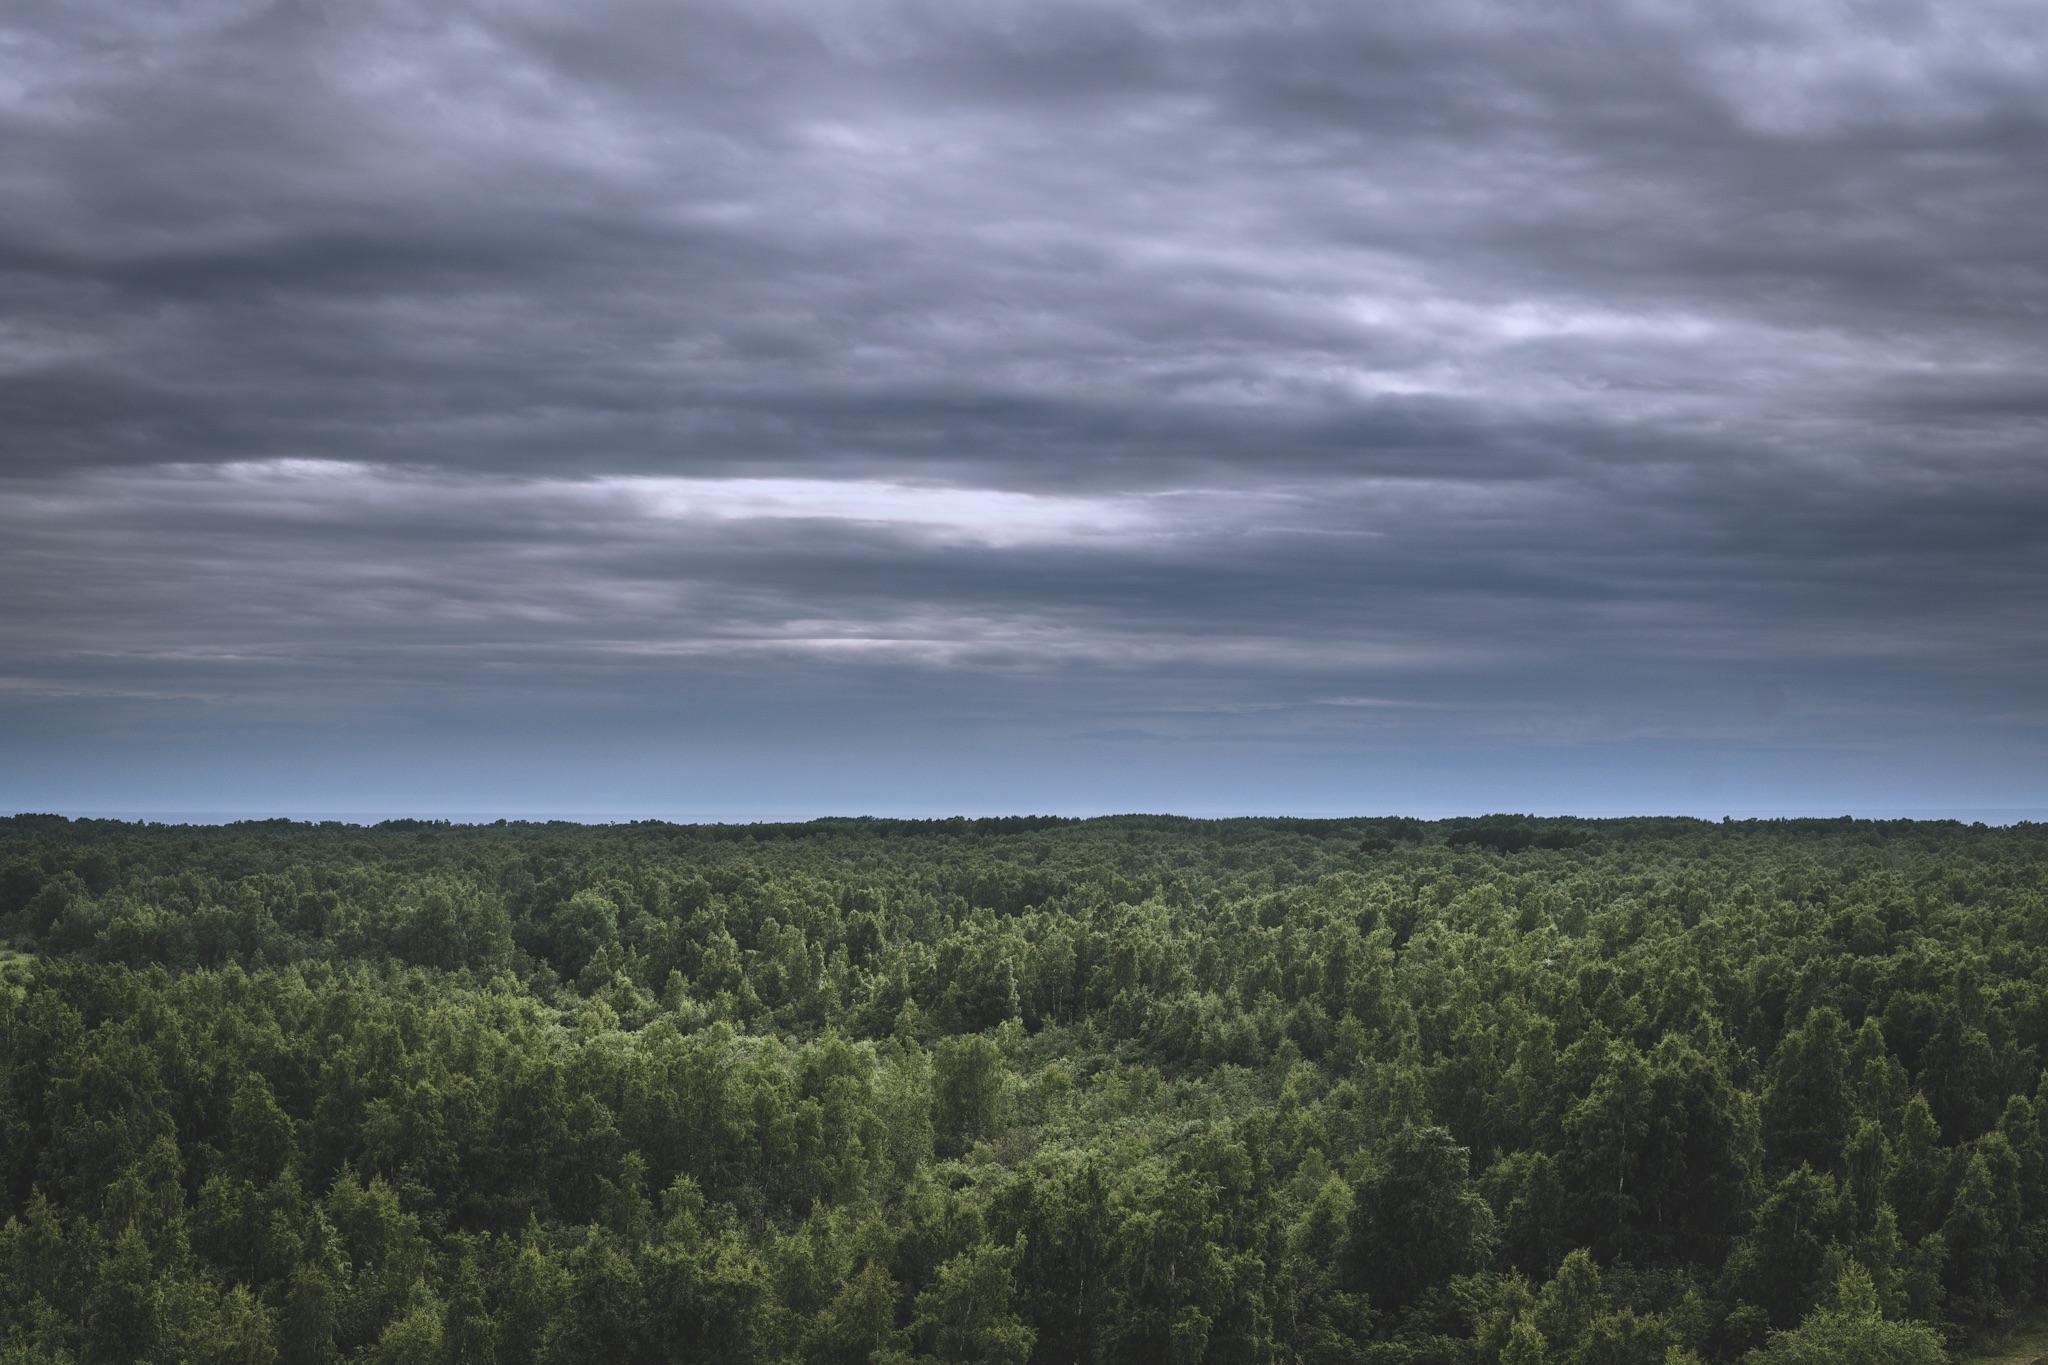 Näkymä metsän ylitse.